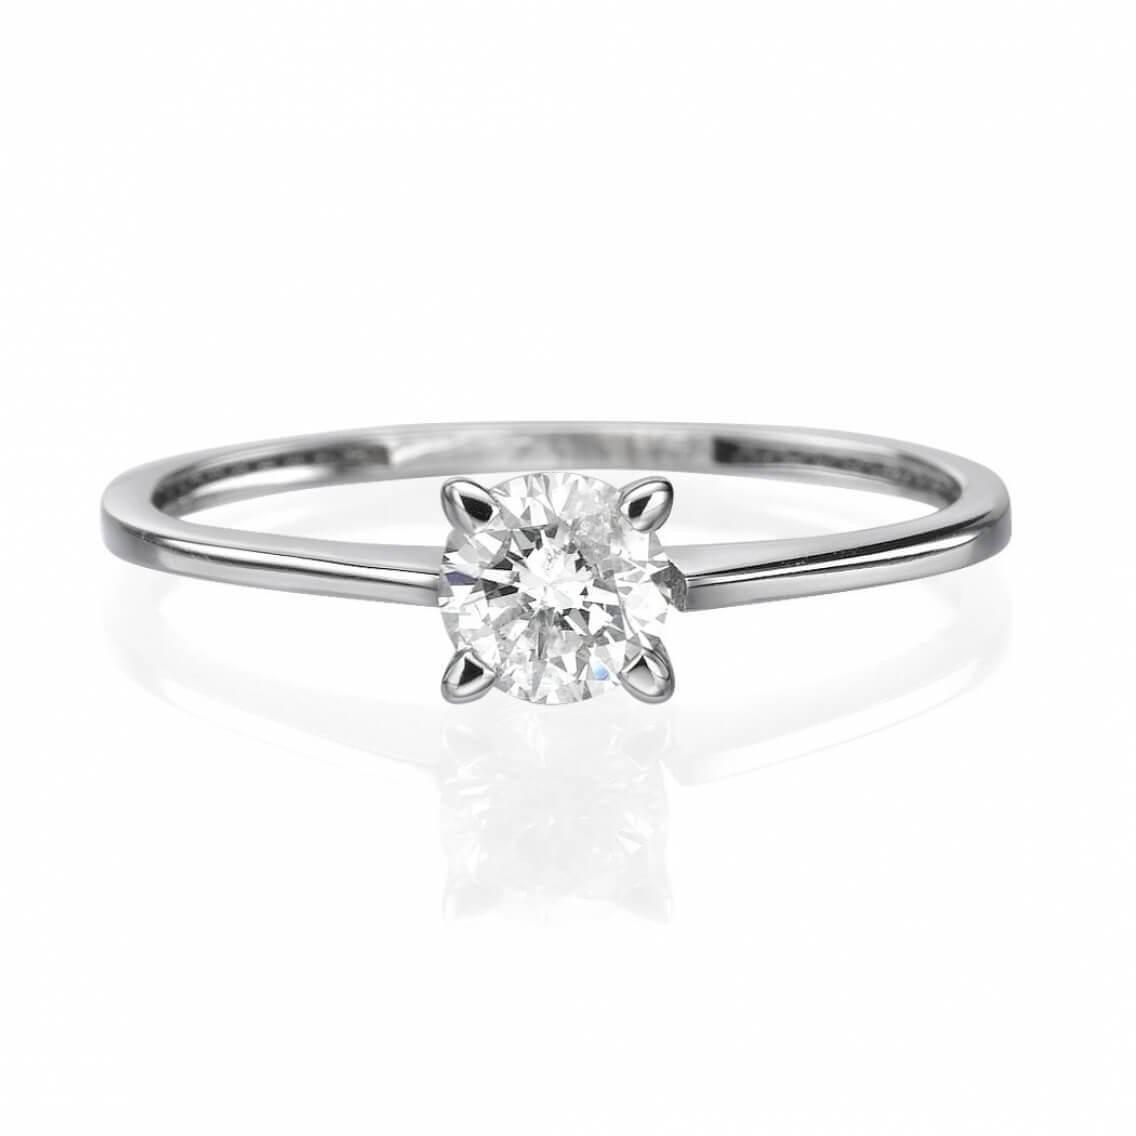 מתוחכם טבעת אירוסין סוליטר זהב לבן 25 נקודות דגם אוליביה - סטארקס תכשיטים ZX-54